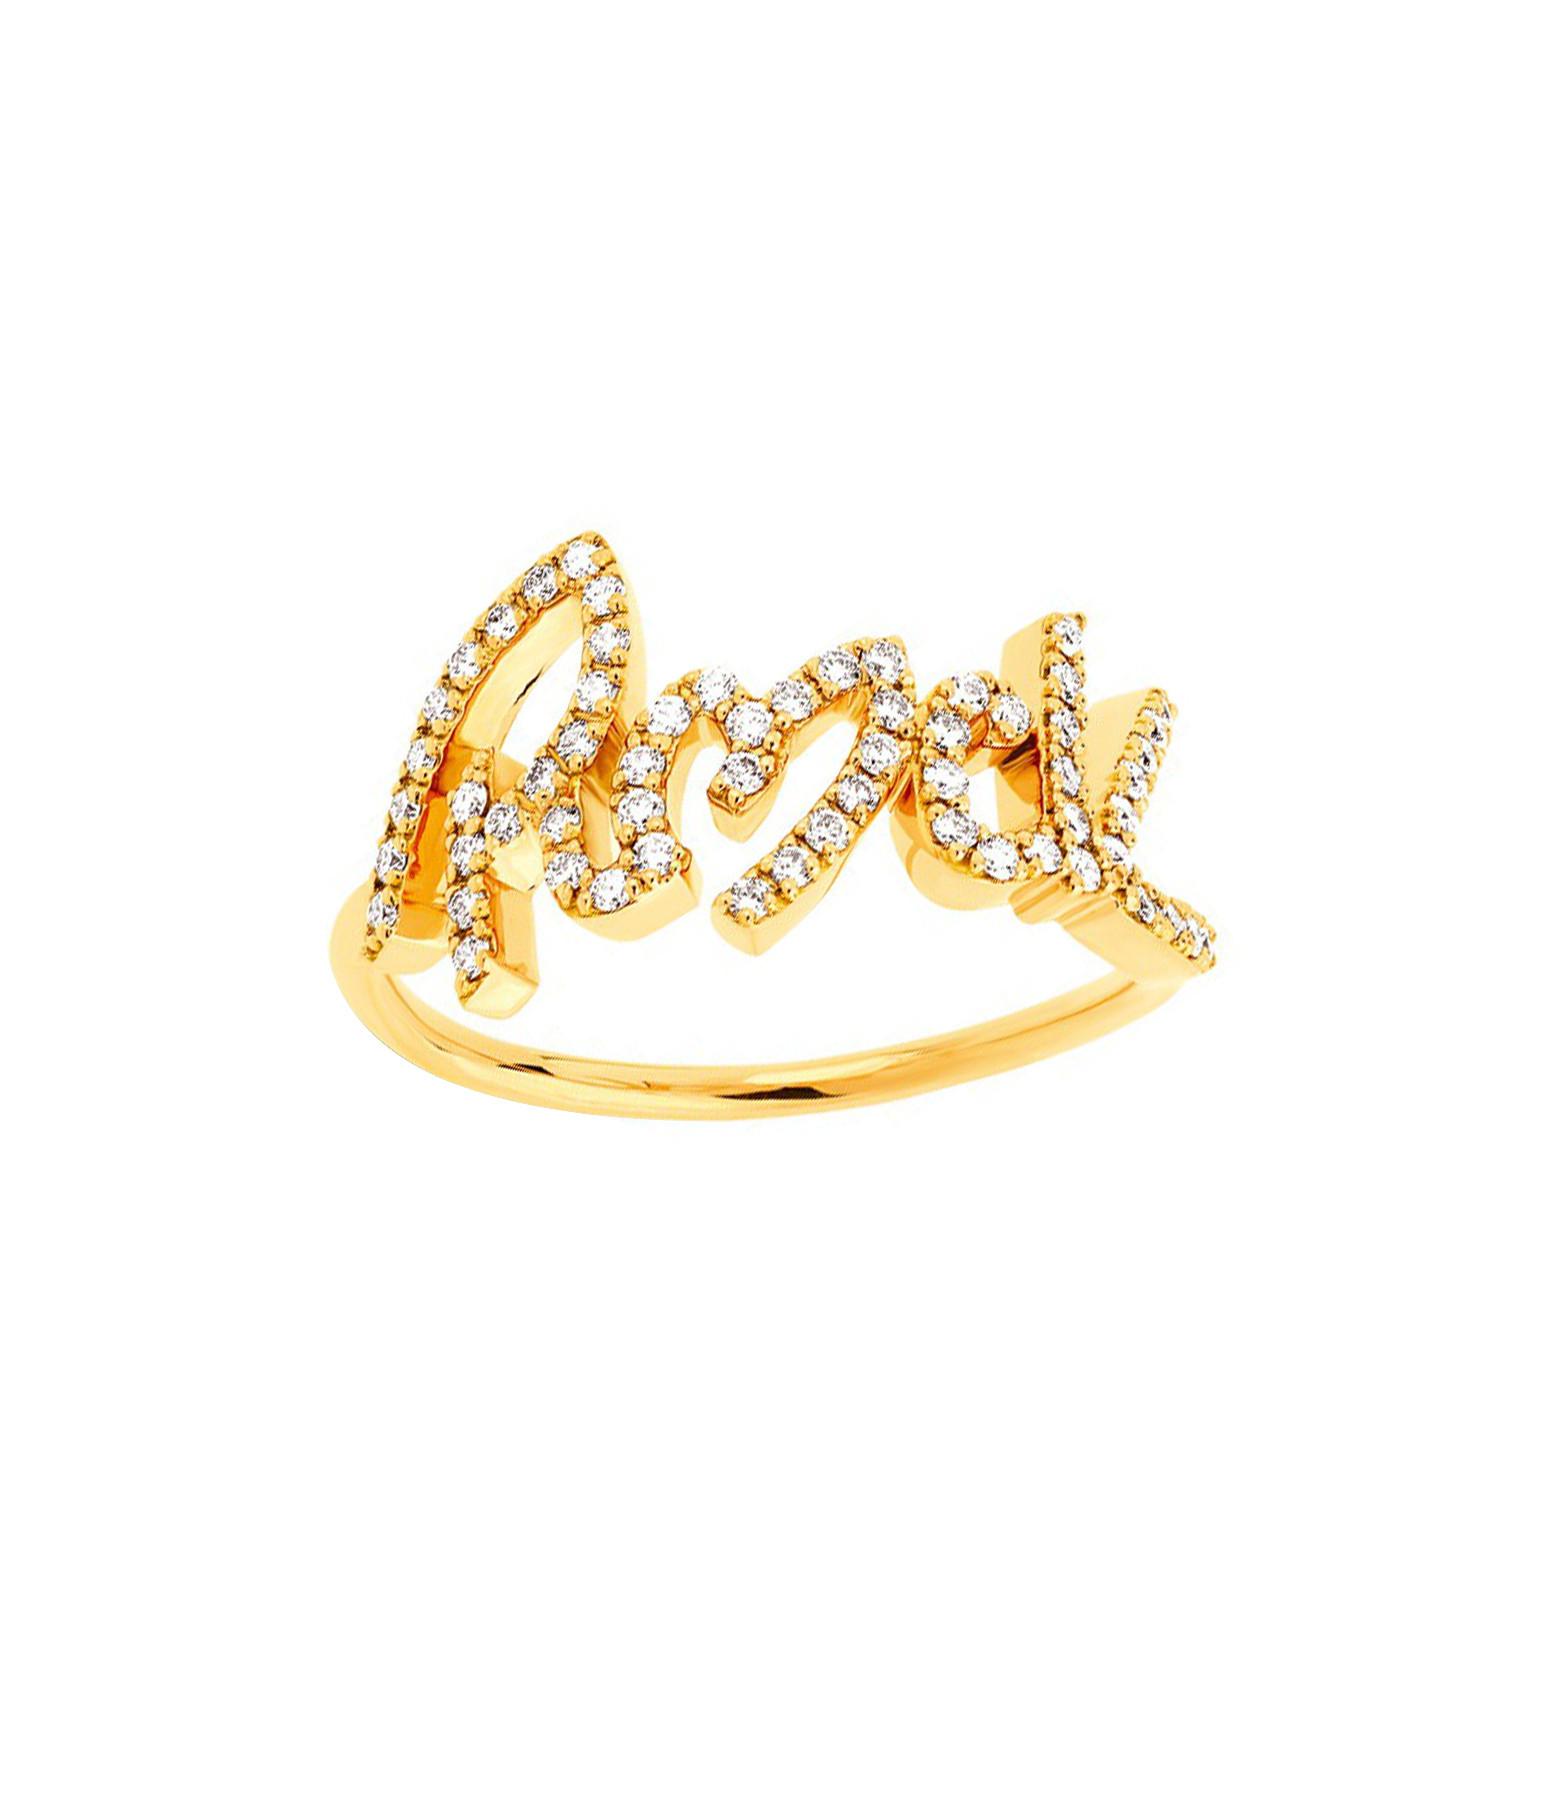 NAVA JOAILLERIE - Bague Rock Diamants Or Jaune